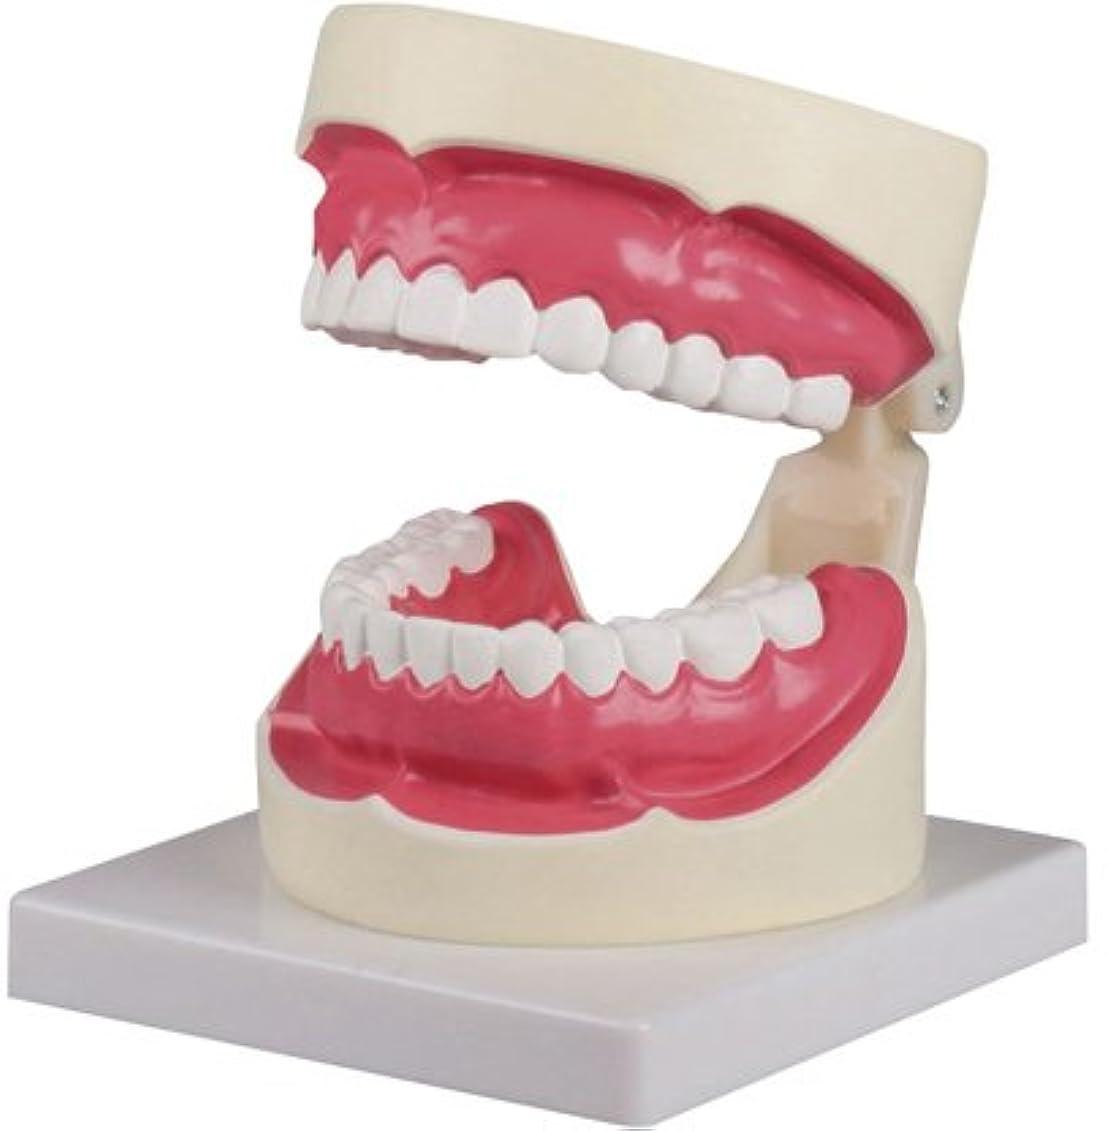 そう危険な密歯磨き(口腔ケア)指導模型1.5倍大 D217 ?????(??????)???????(24-6839-00)【エルラージーマー社】[1個単位]